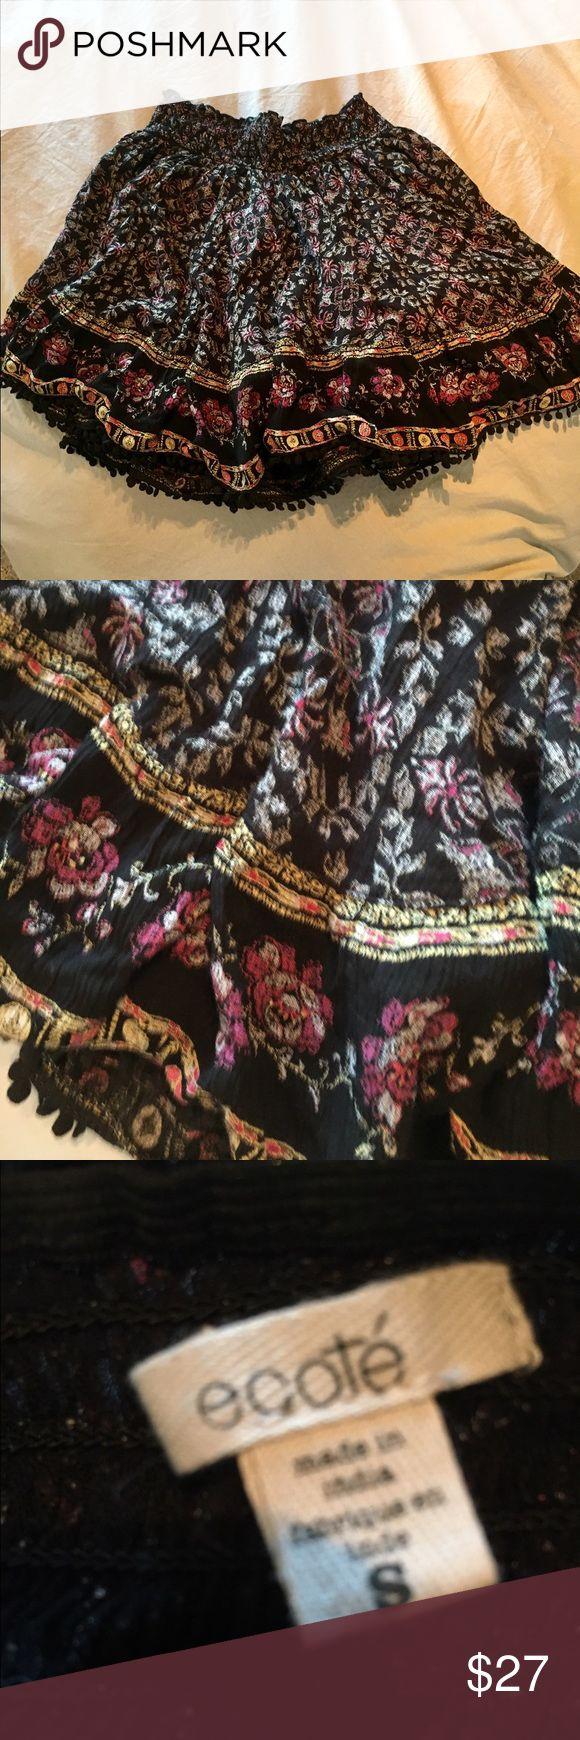 Boho festival skirt black and floral Festival skirt BoHo! Black with small floral and pom-pom fringe 💕 never worn Ecote Skirts Mini